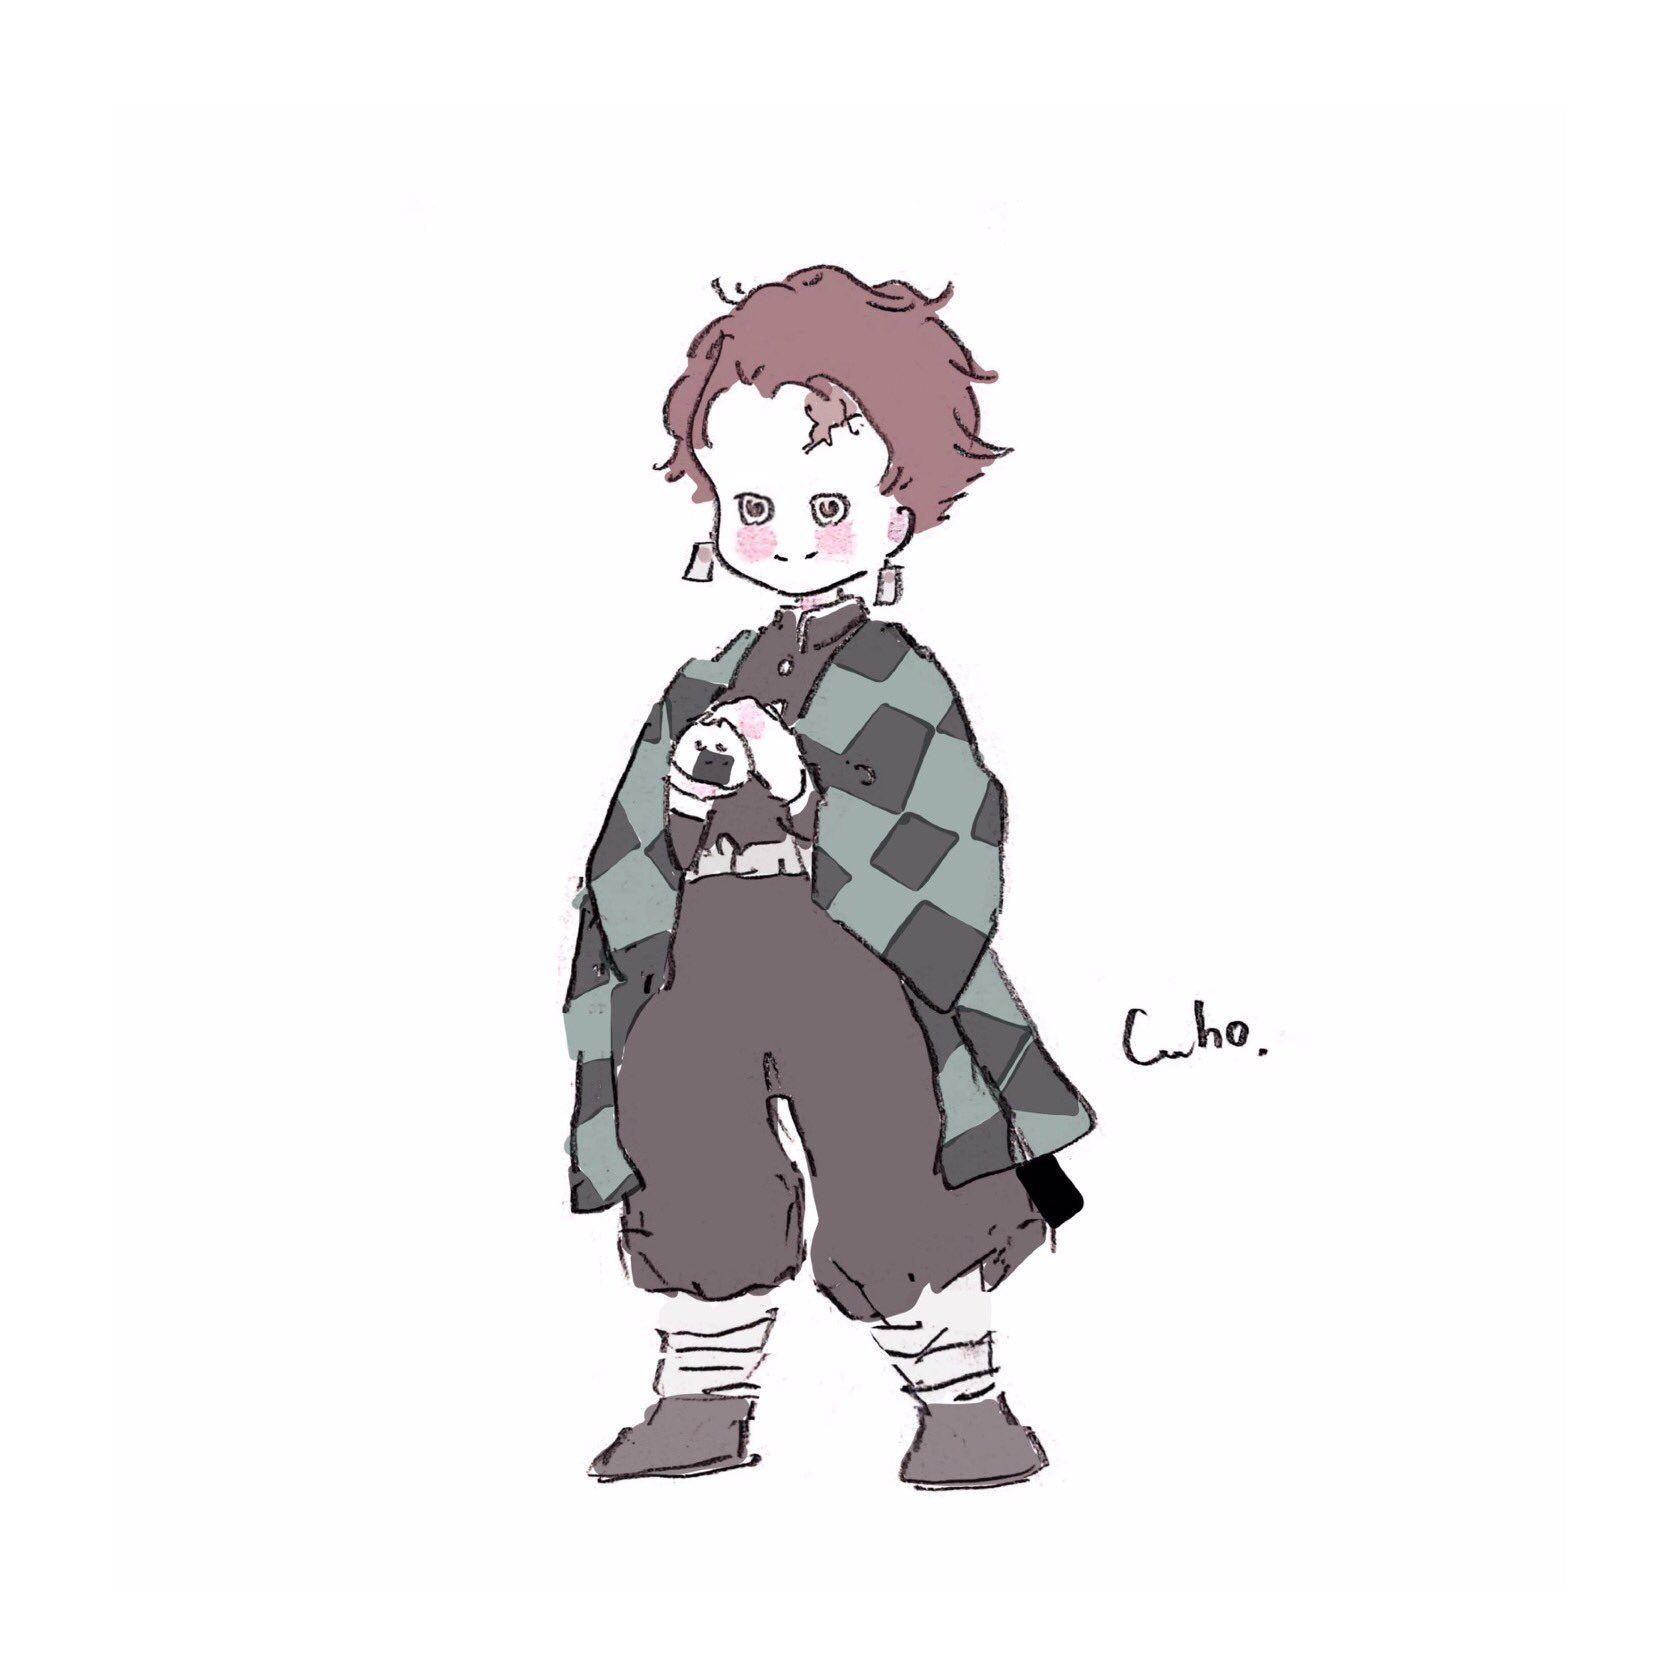 Caho On 2020 かわいい イラスト 手書き 可愛い キャラクター イラスト キュートなアート